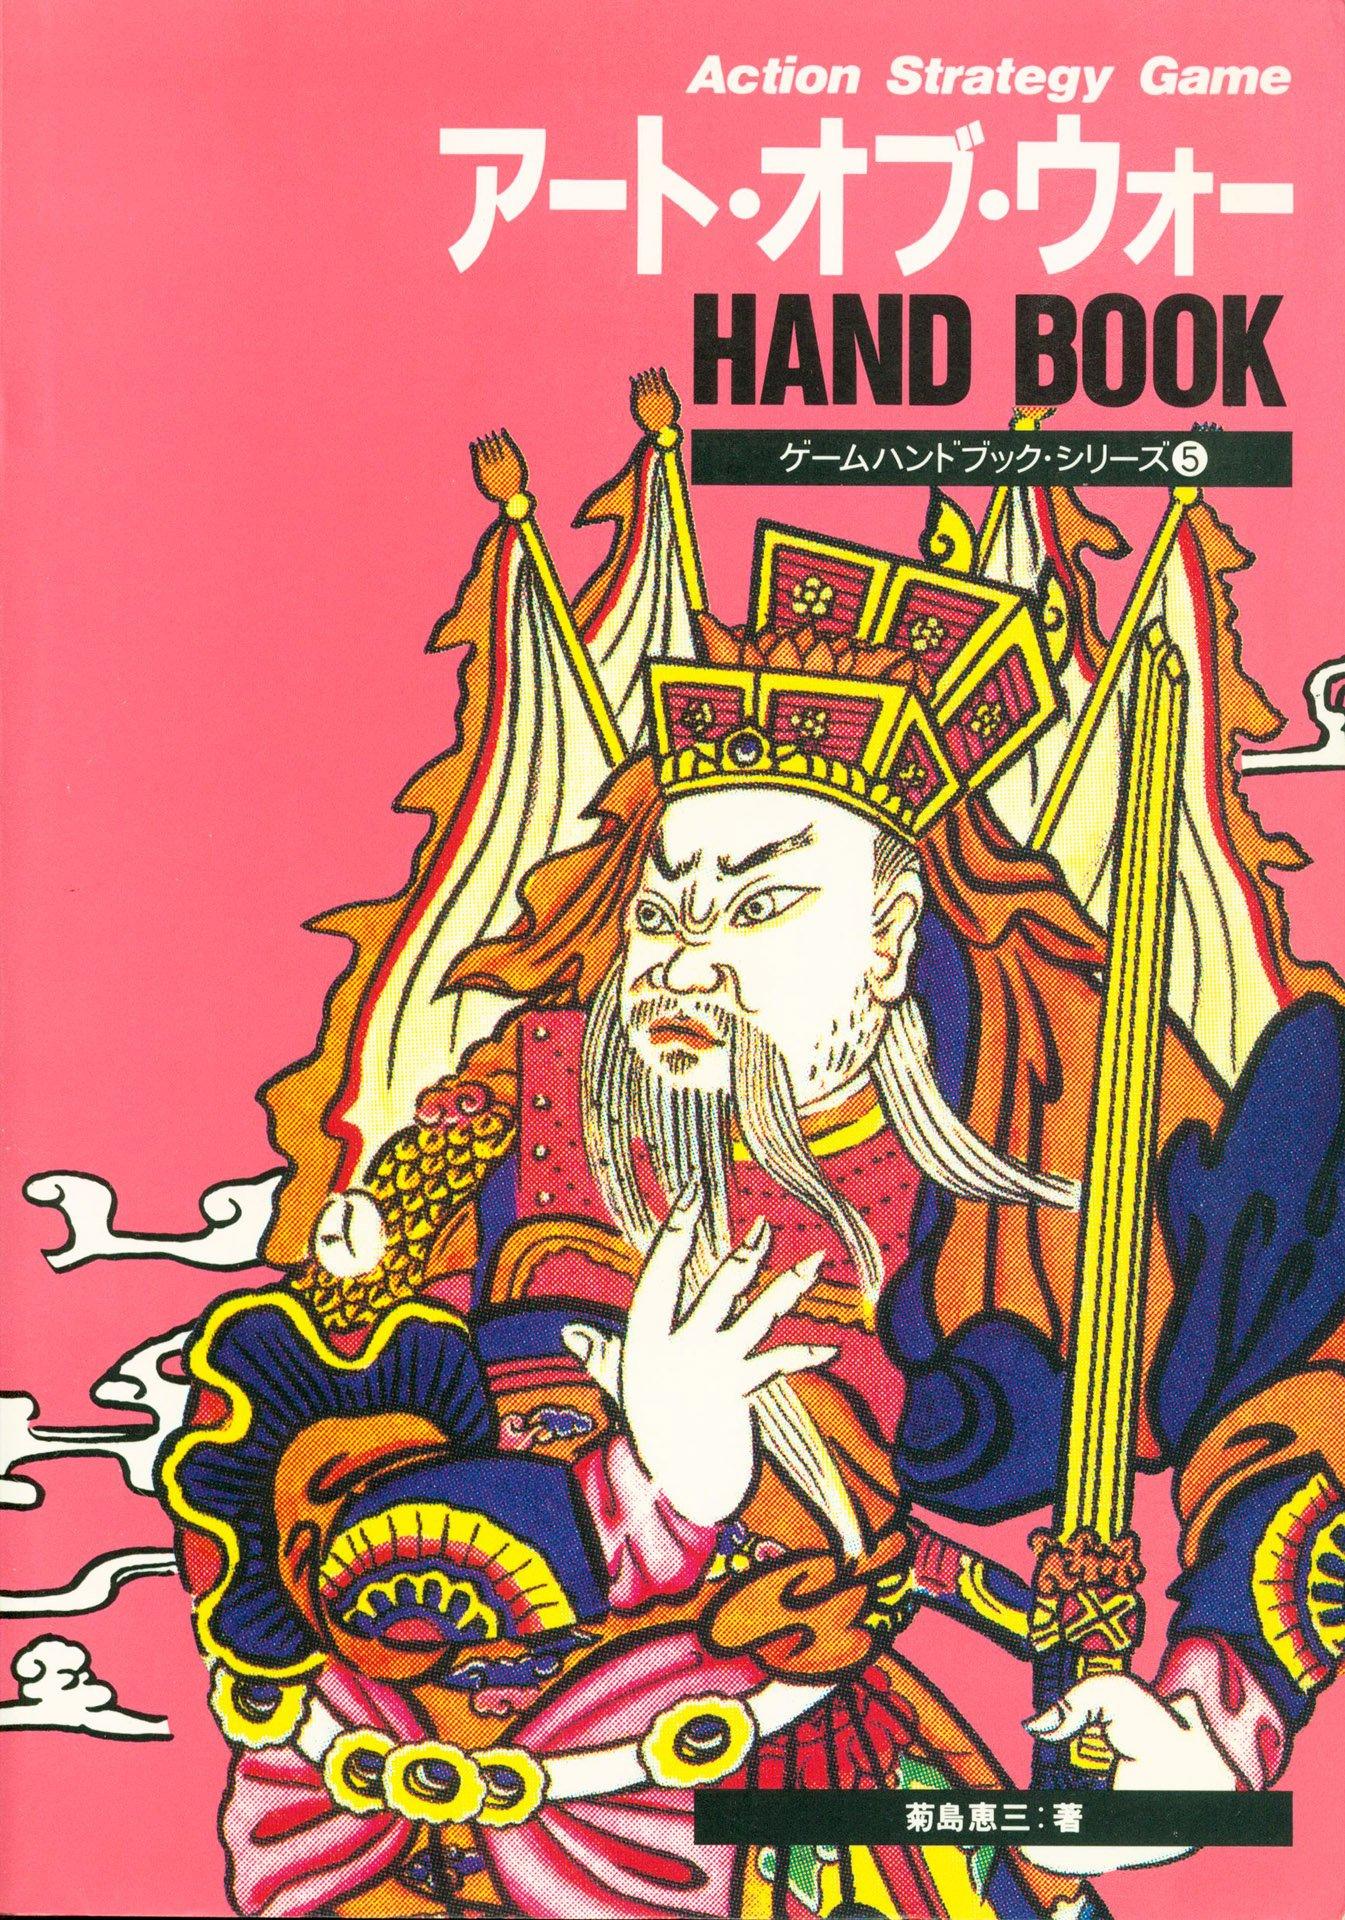 Art of War Hand Book